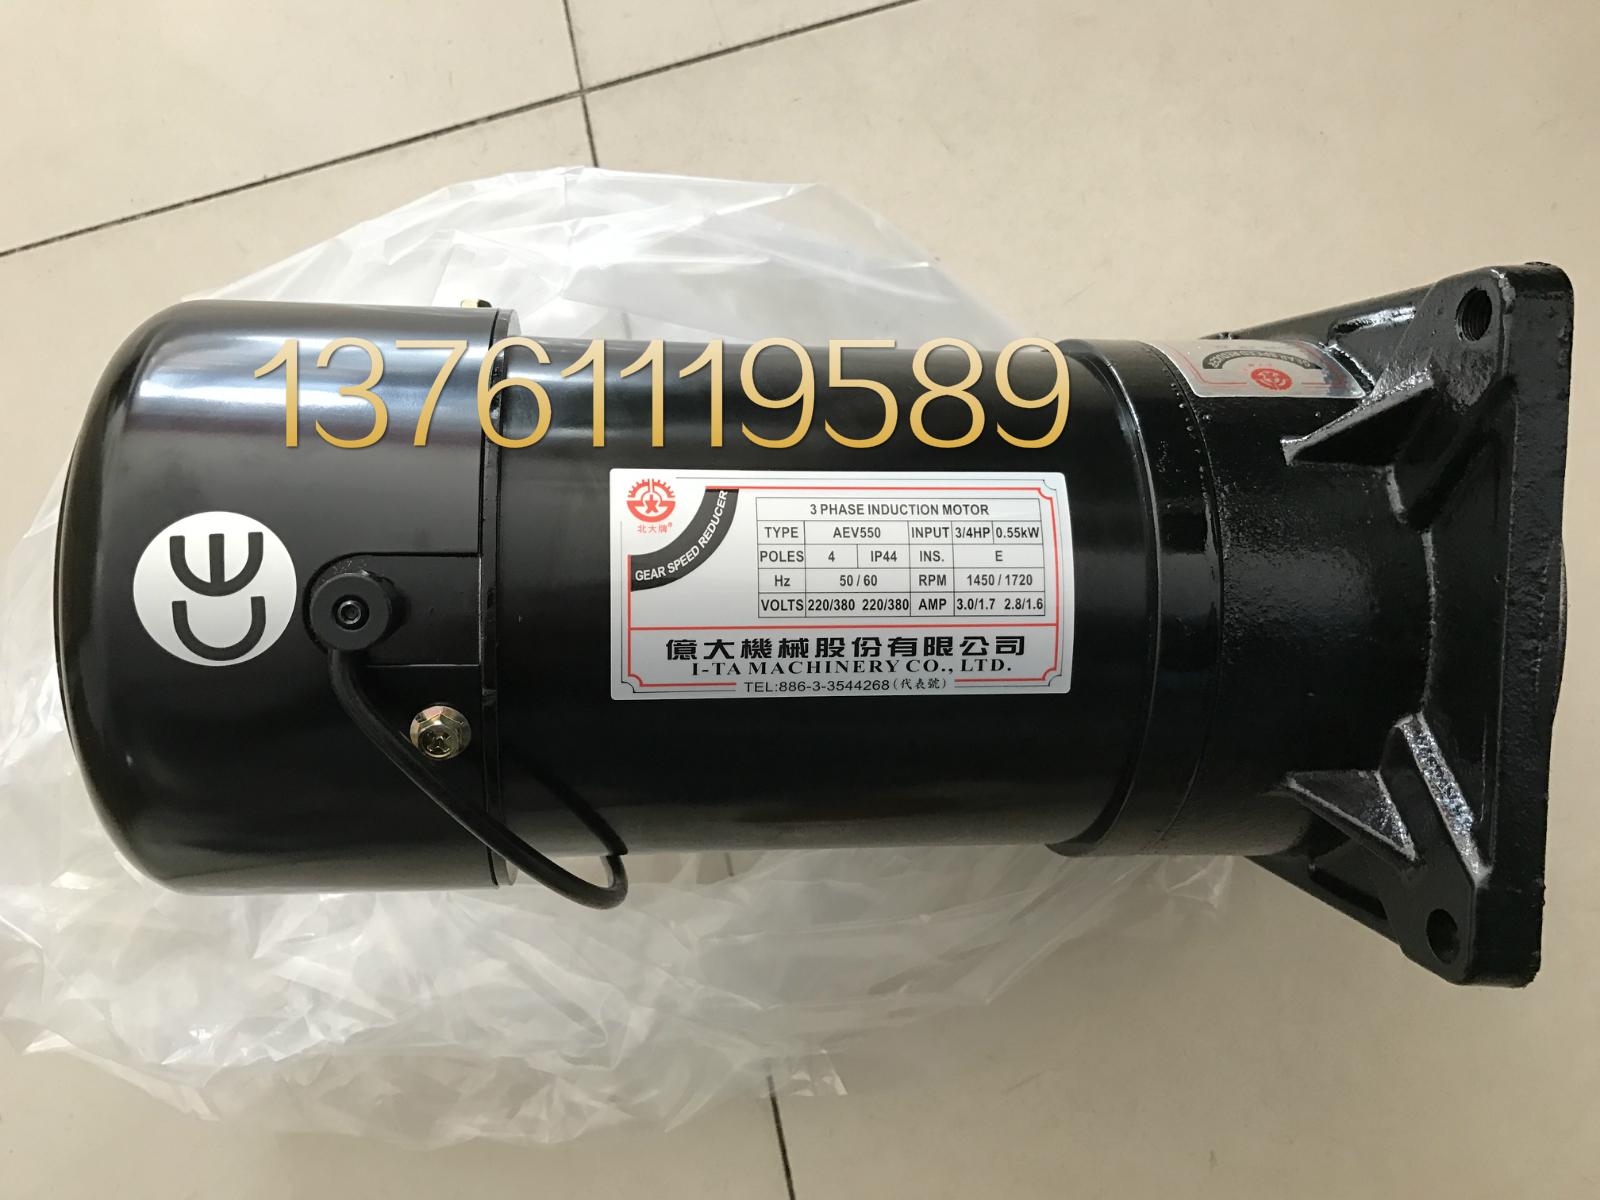 正品台湾億大机械加工中心圆盘刀库刀臂马达 北大电机 AEV550 1:8